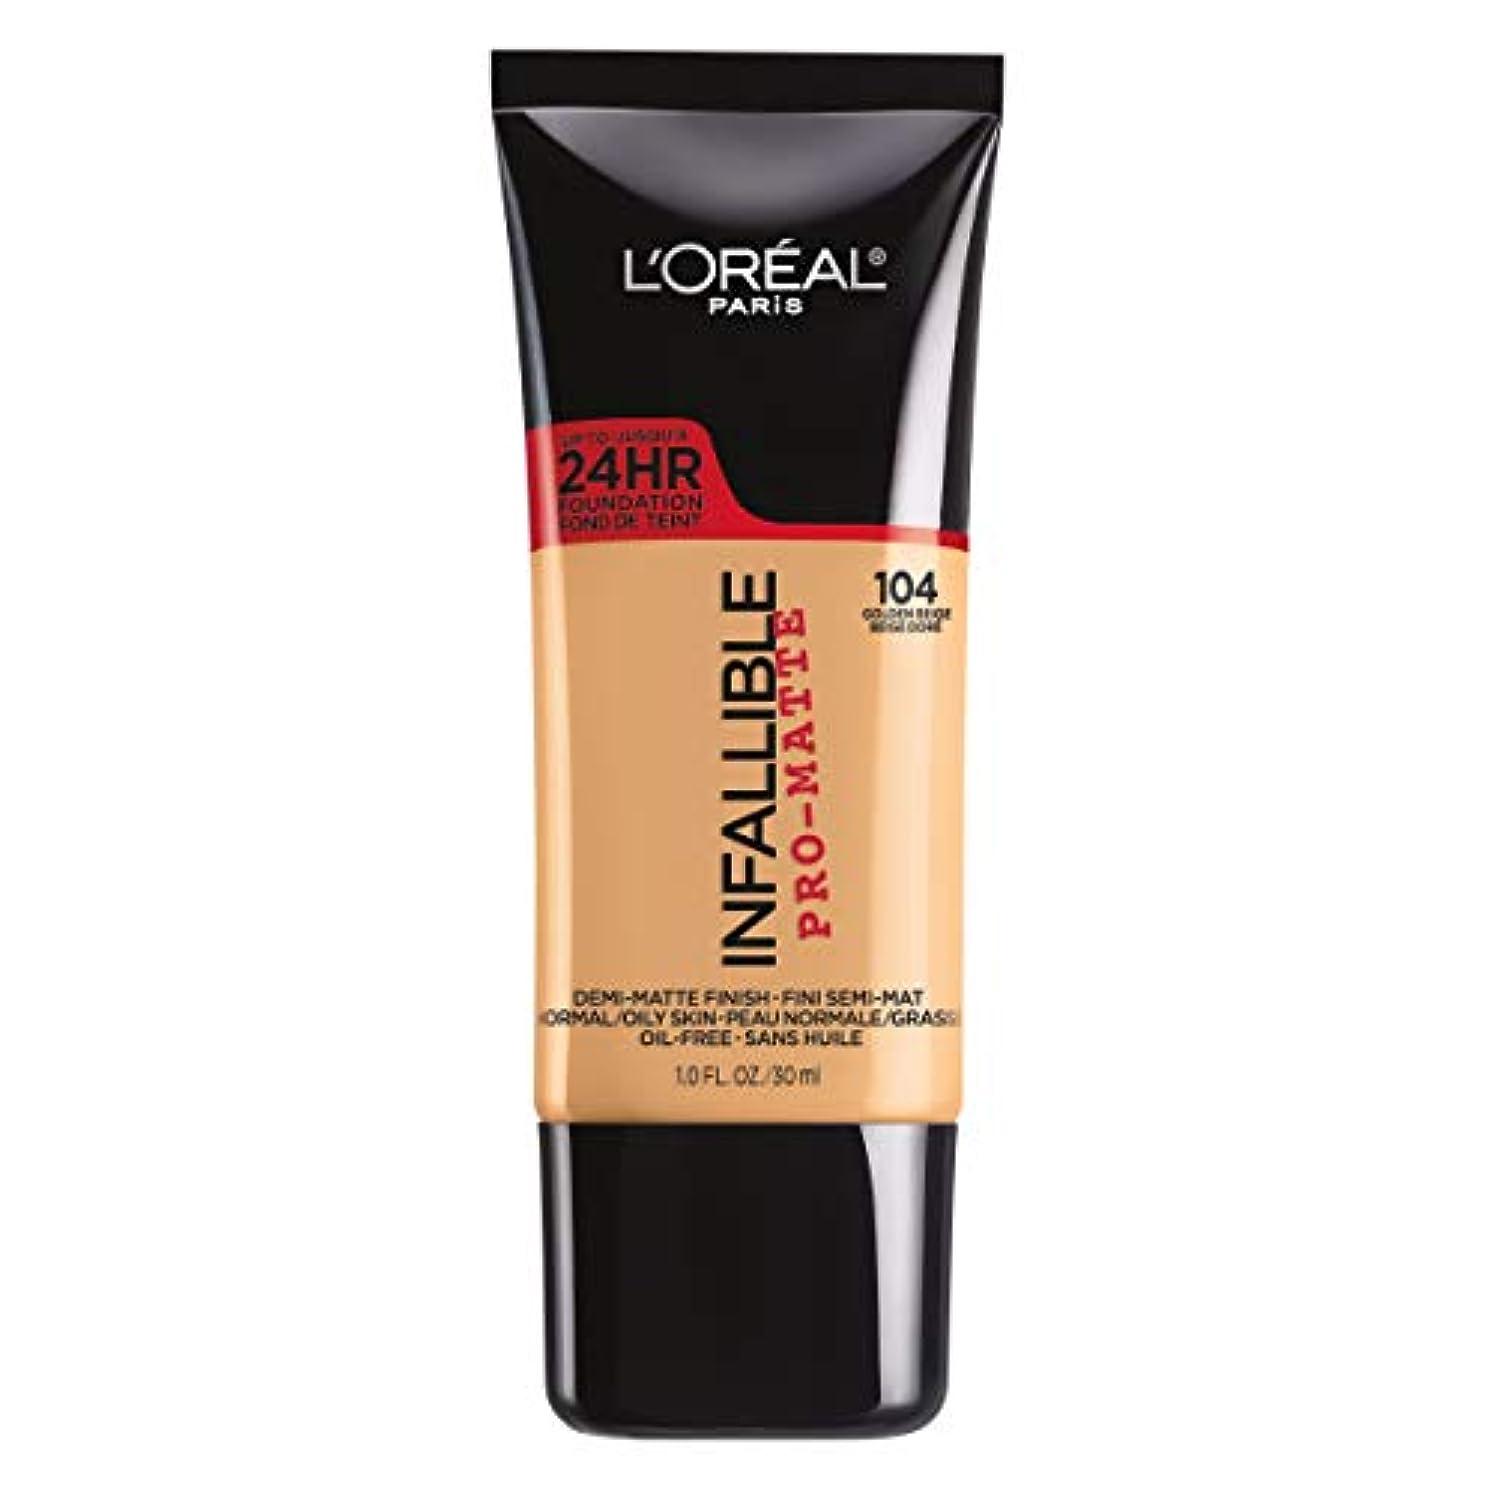 石膏カメラ対角線L'Oreal Paris Infallible Pro-Matte Foundation Makeup, 104 Golden Beige, 1 fl. oz[並行輸入品]